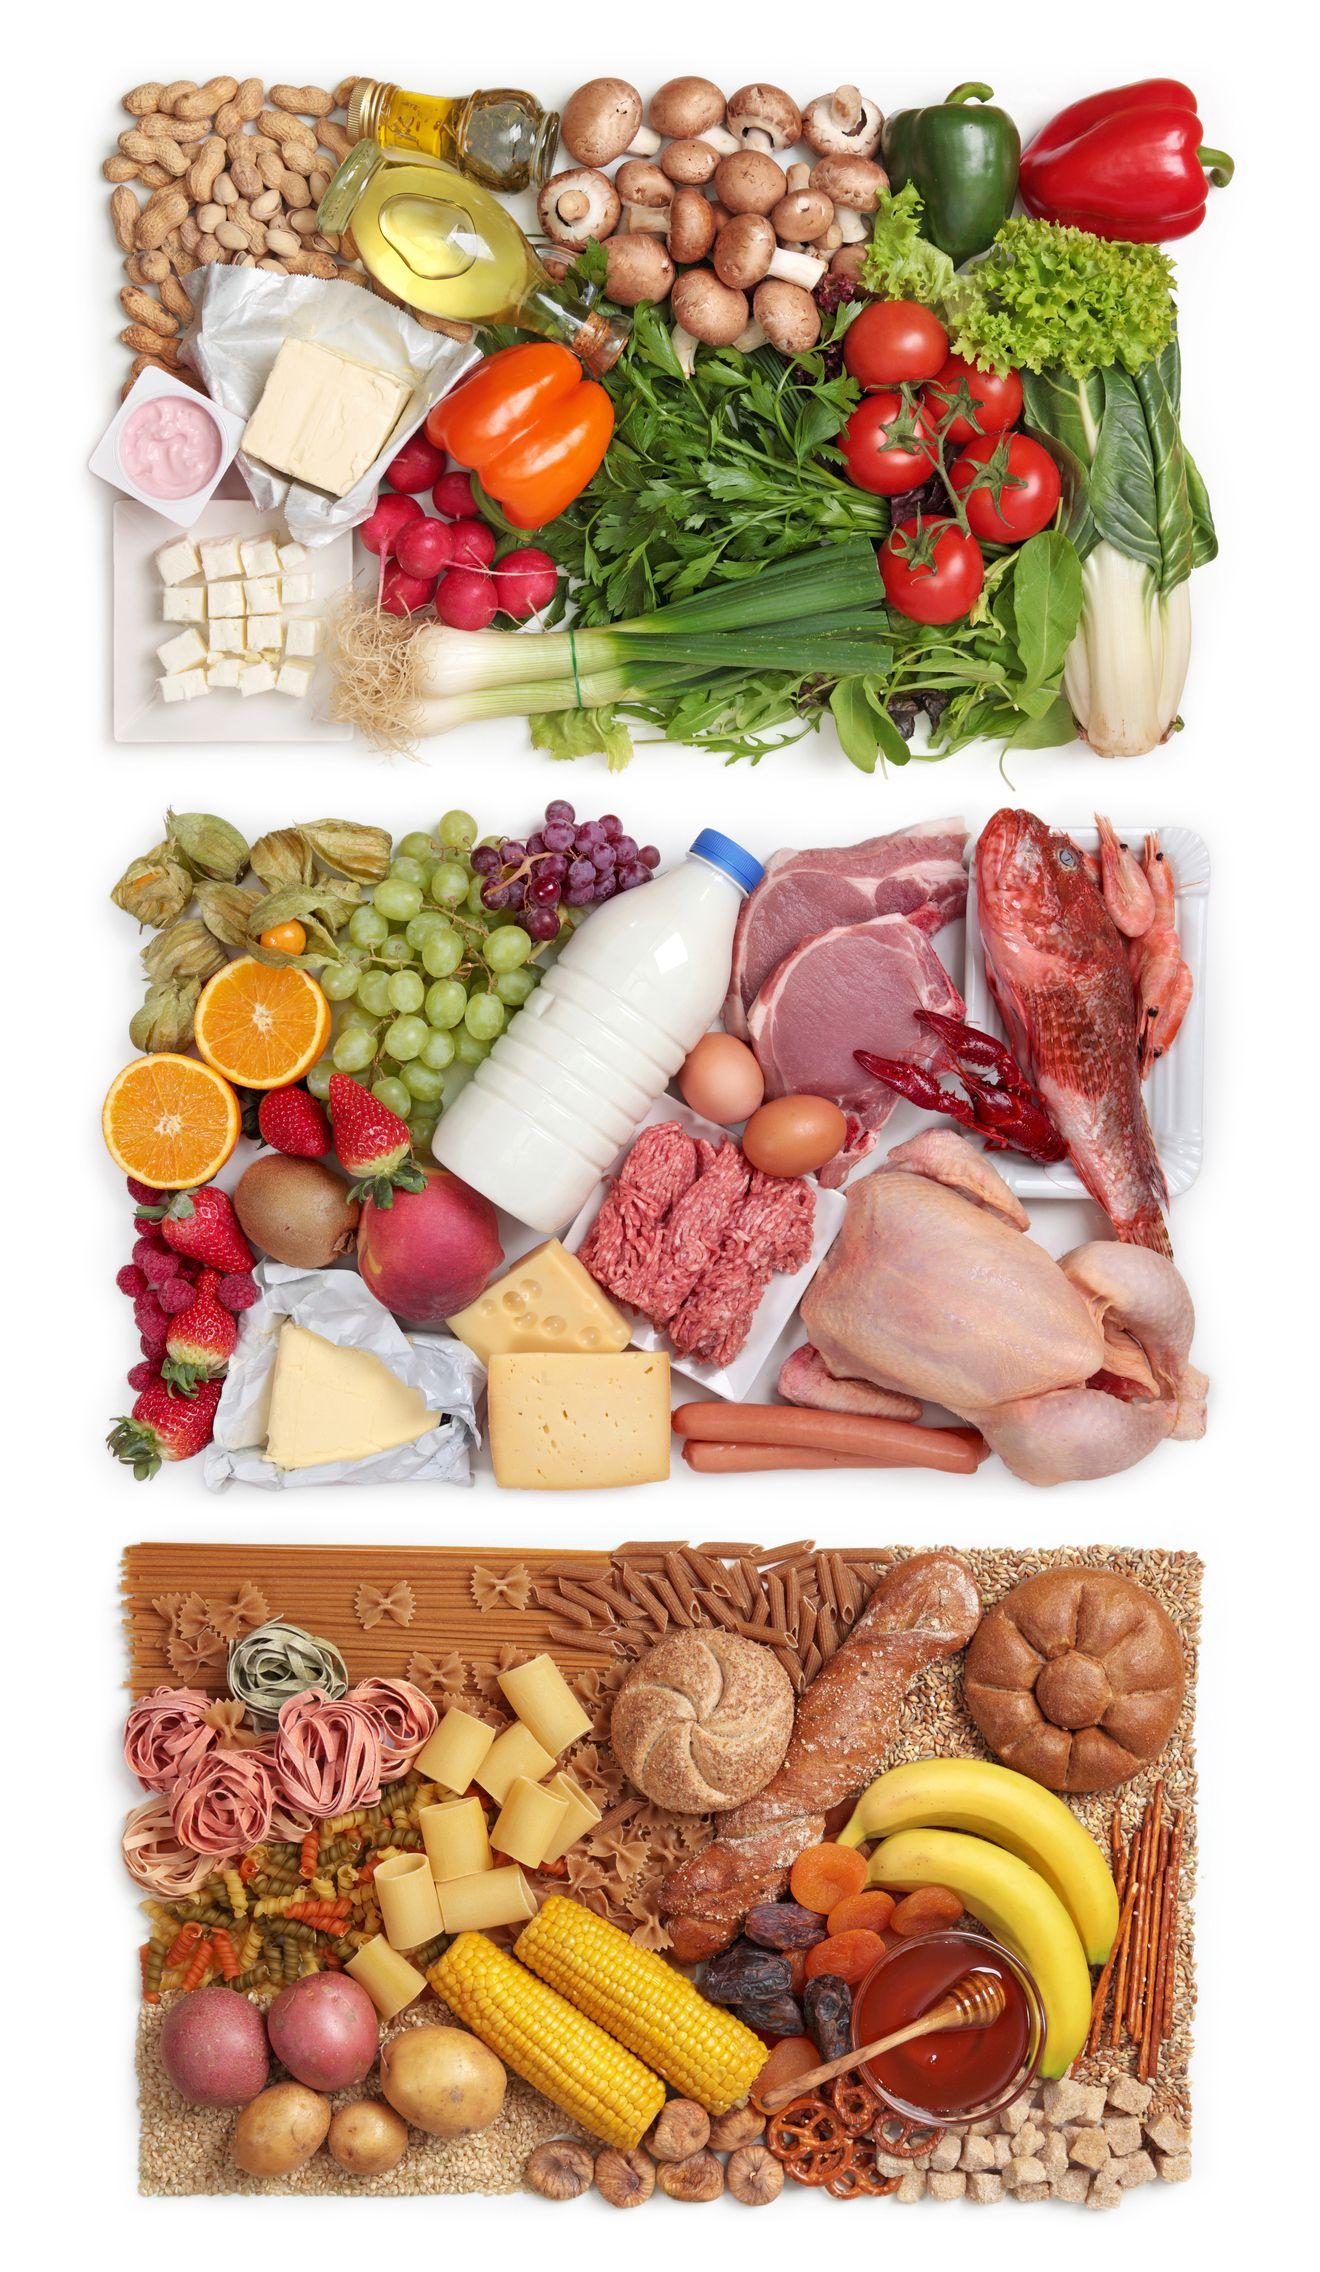 Mit Eiweiß abnehmen: In diesen 8 Lebensmitteln steckt jede Menge